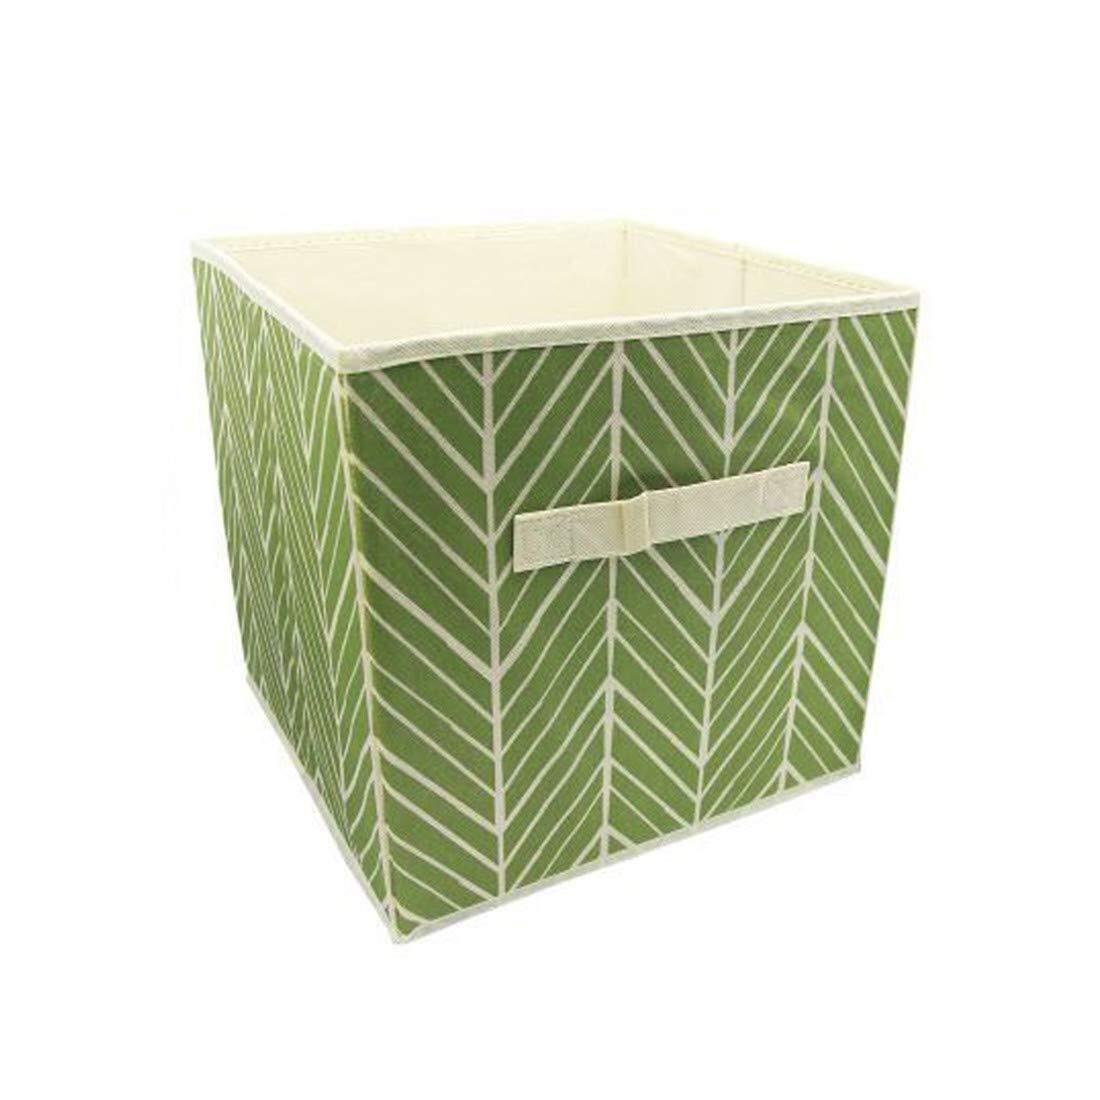 Cestello armadio griglia gioielli scatola di plastica 2 pezzi Alta Qualit/à scatola di Ripiani Alta Qualit/à Alta Qualit/à cassetti tela tessuto cubo borsa di stoffa banda Con manico in corda di cotone,